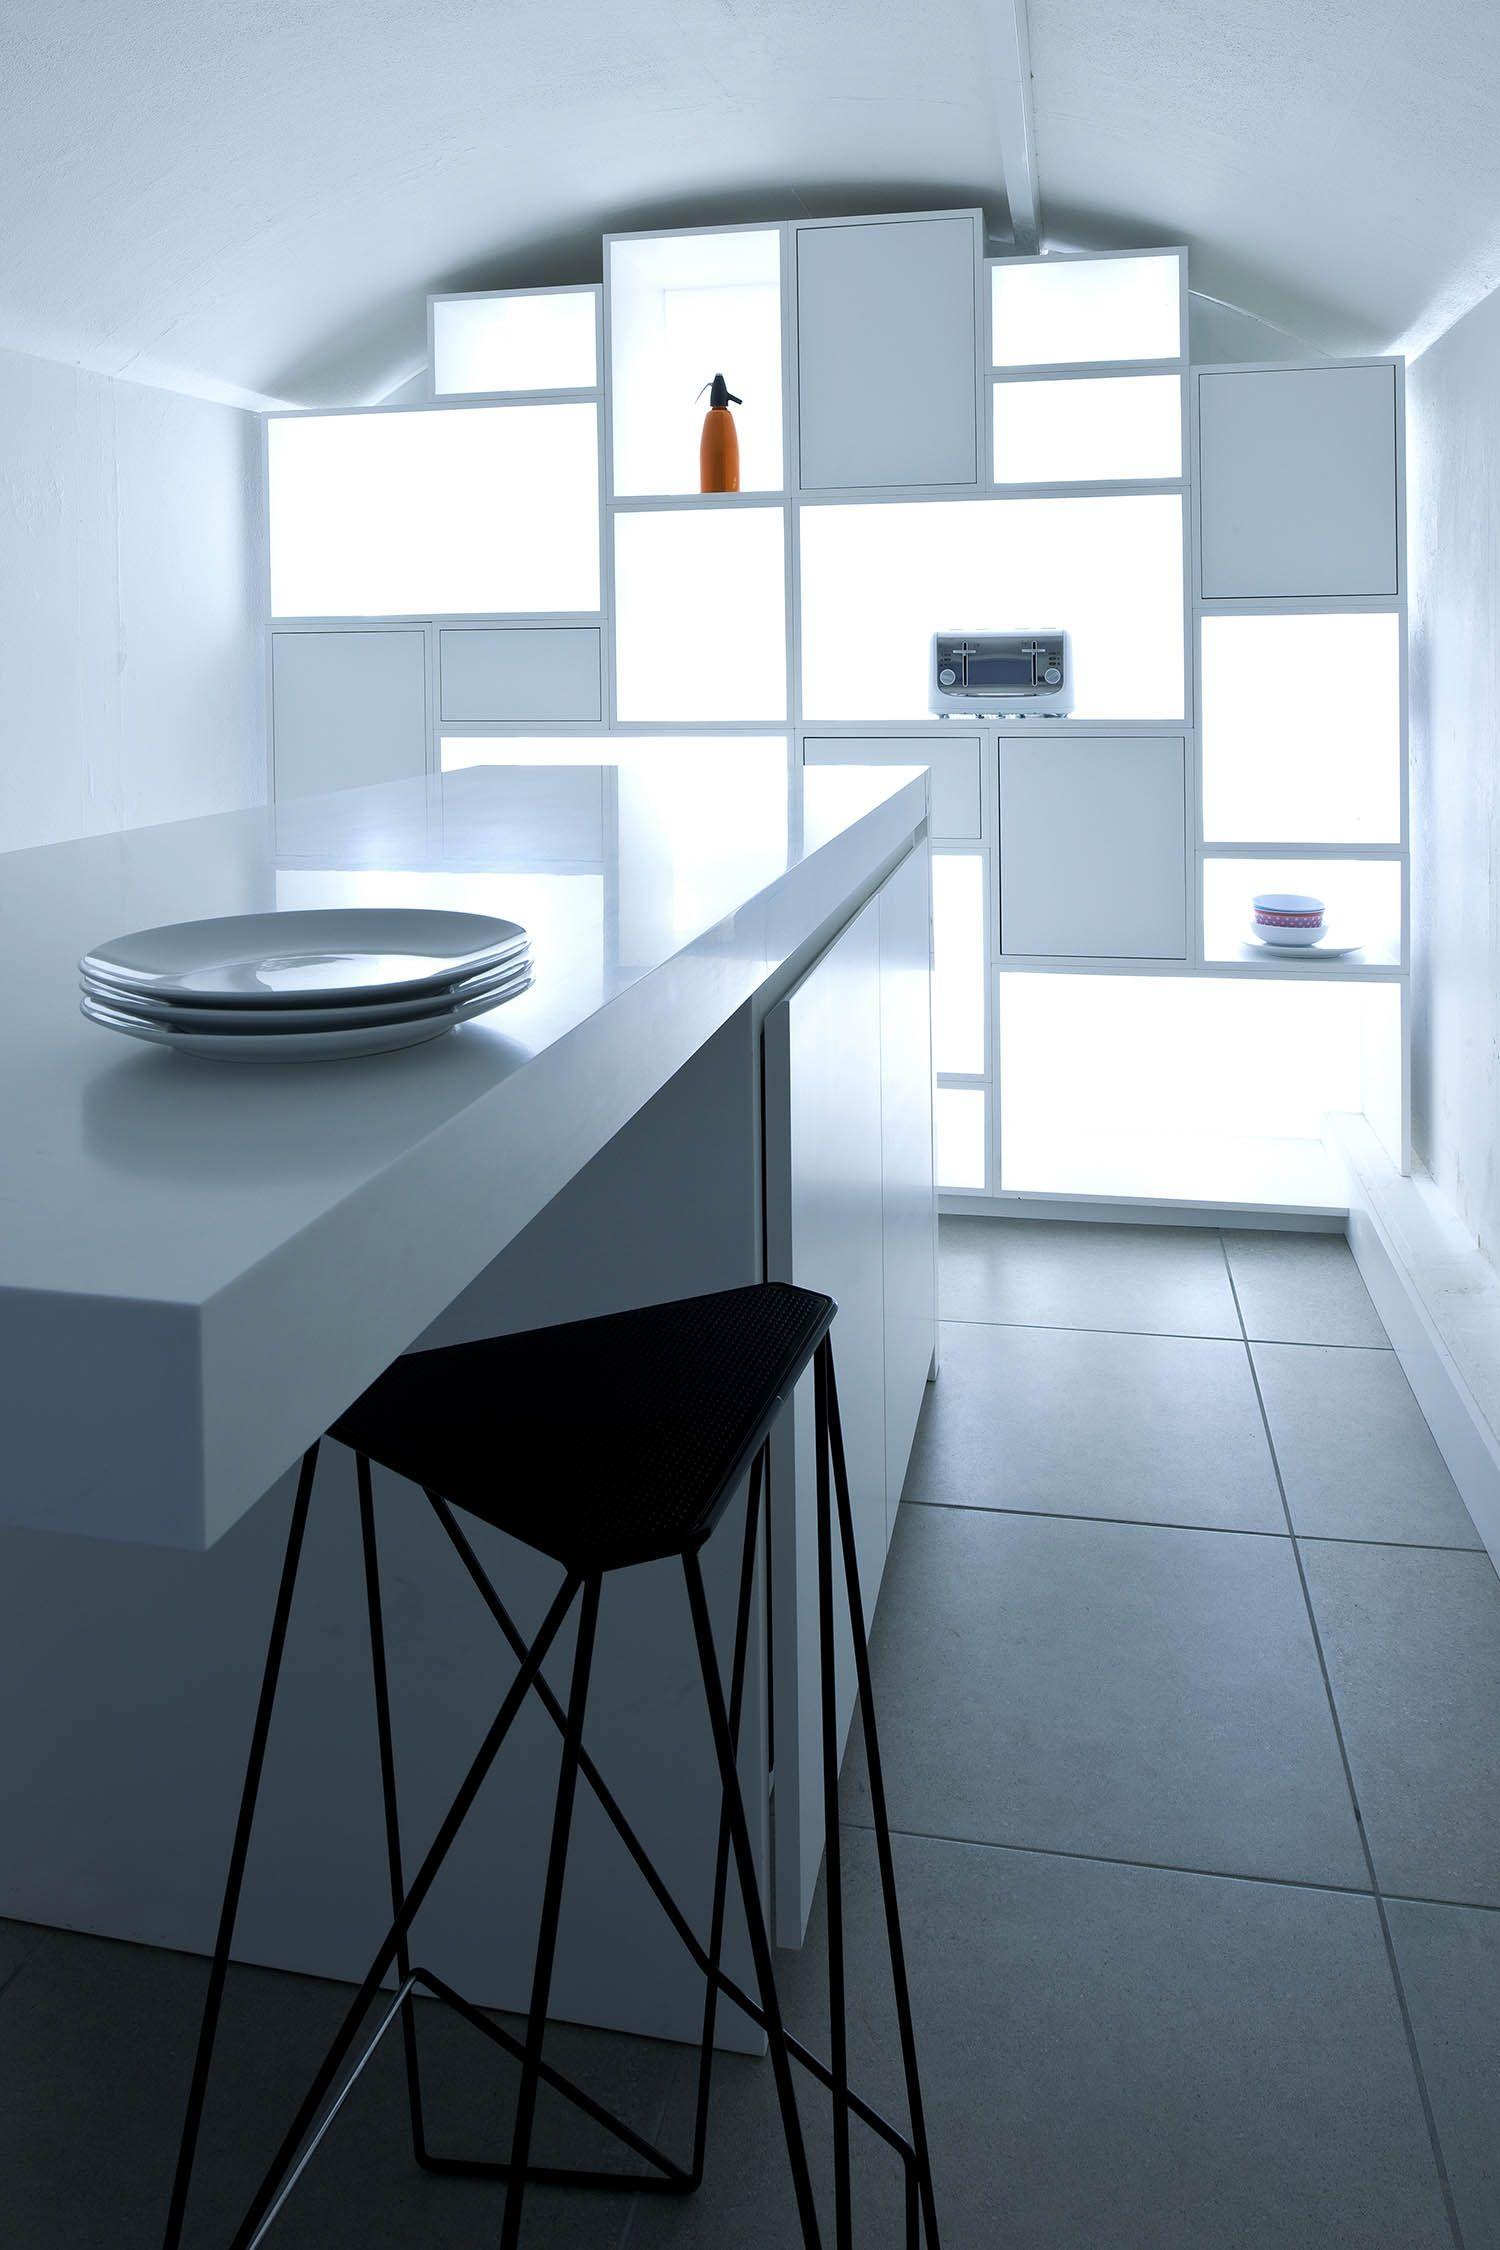 subterranean kitchen sgs london office marlyebone interiordesign